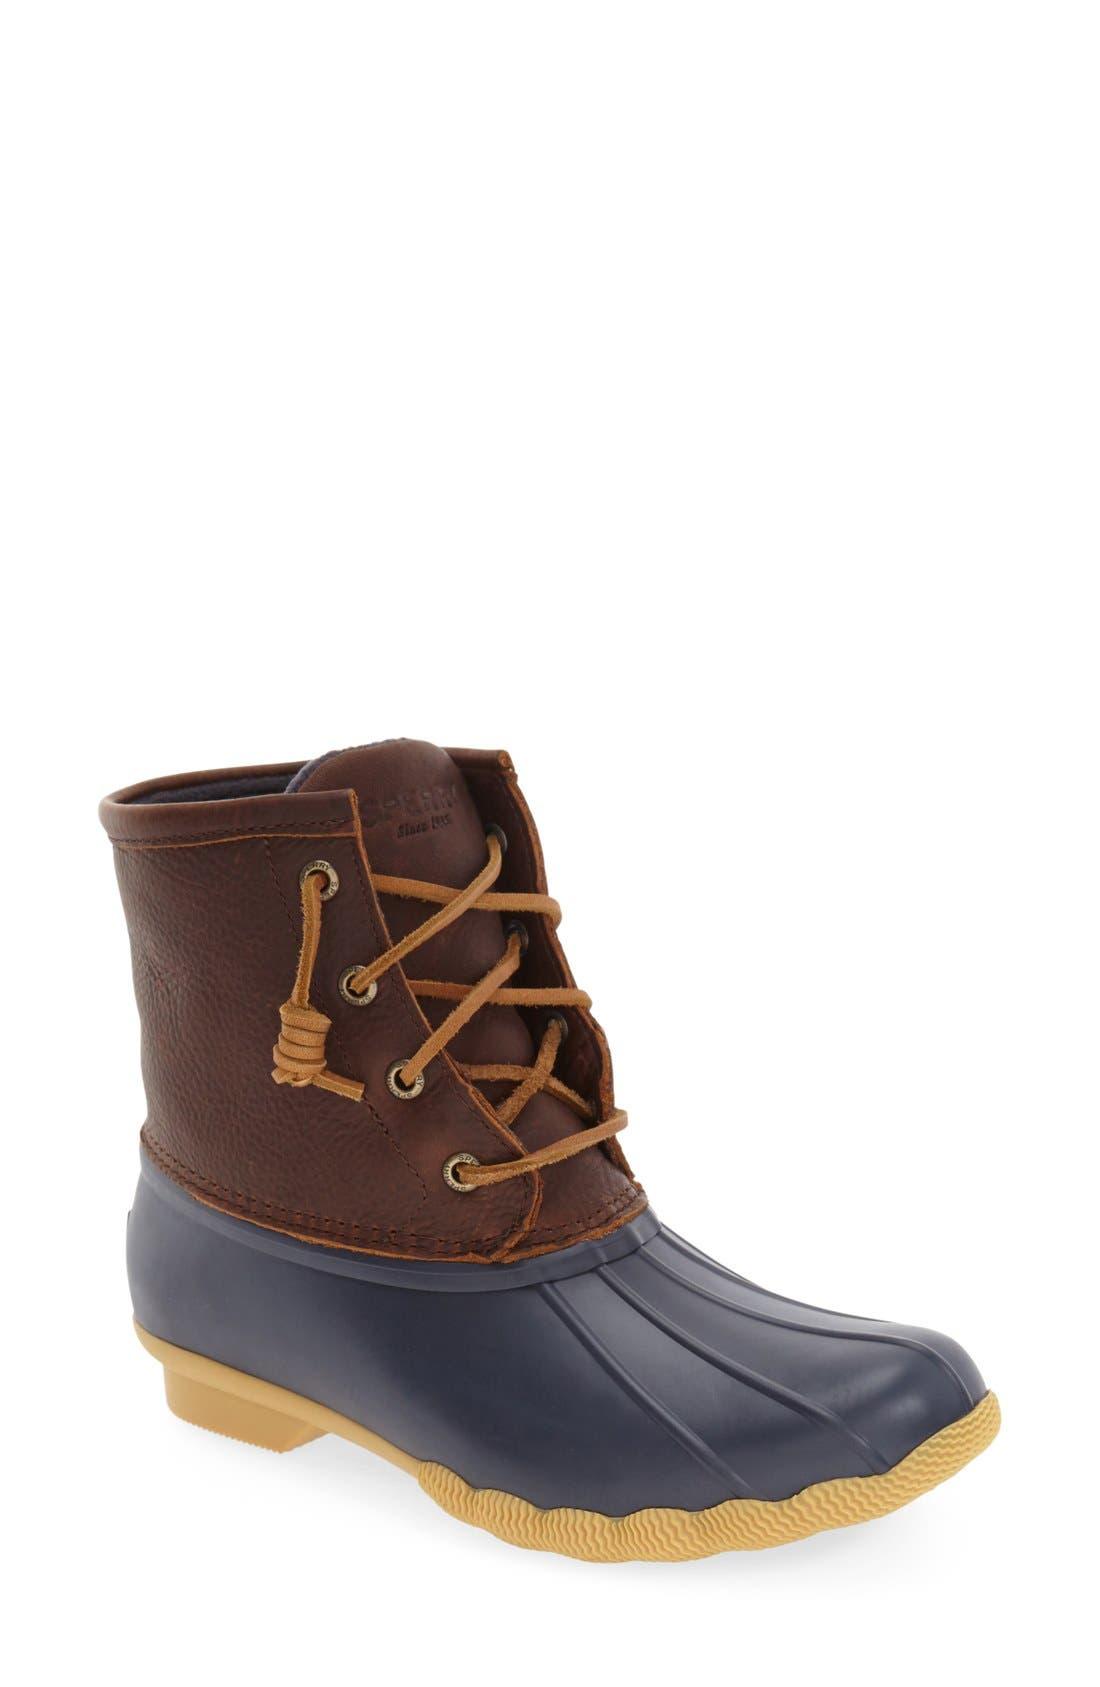 Main Image - Sperry Saltwater Thinsulate™ Waterproof Rain Boot (Women)